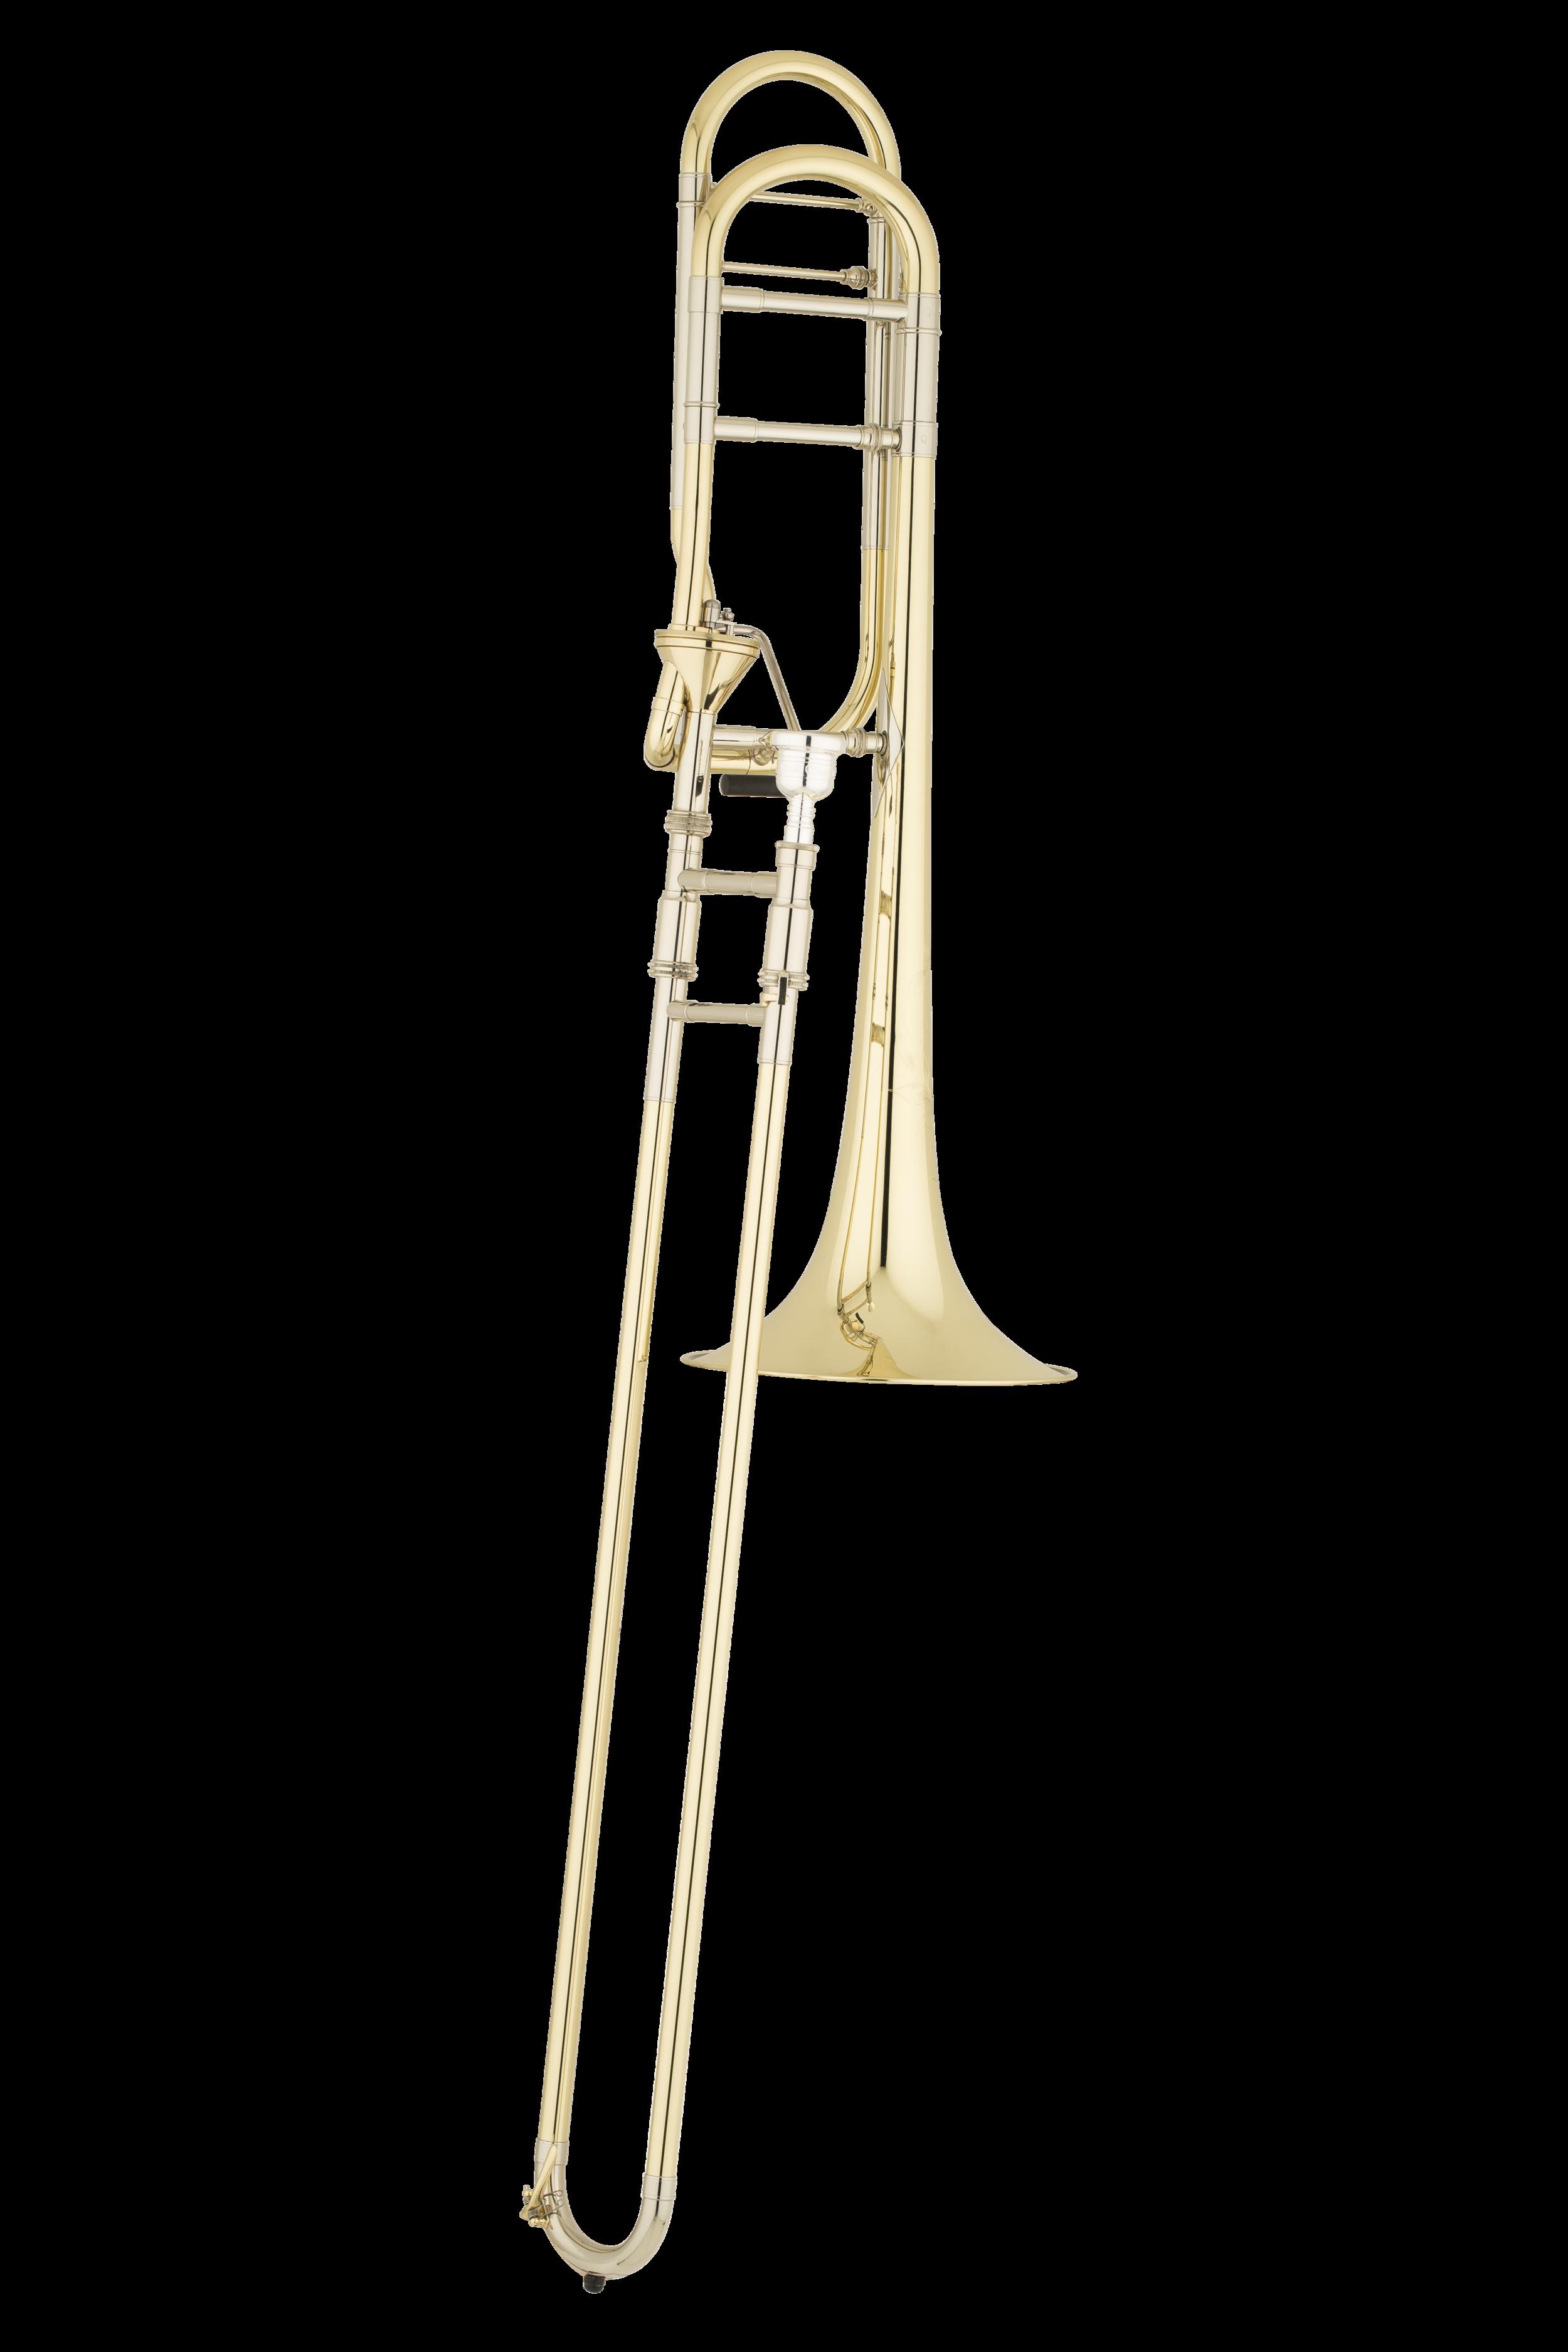 Shires_Trombone_TBQ30YA_Front_0718.png